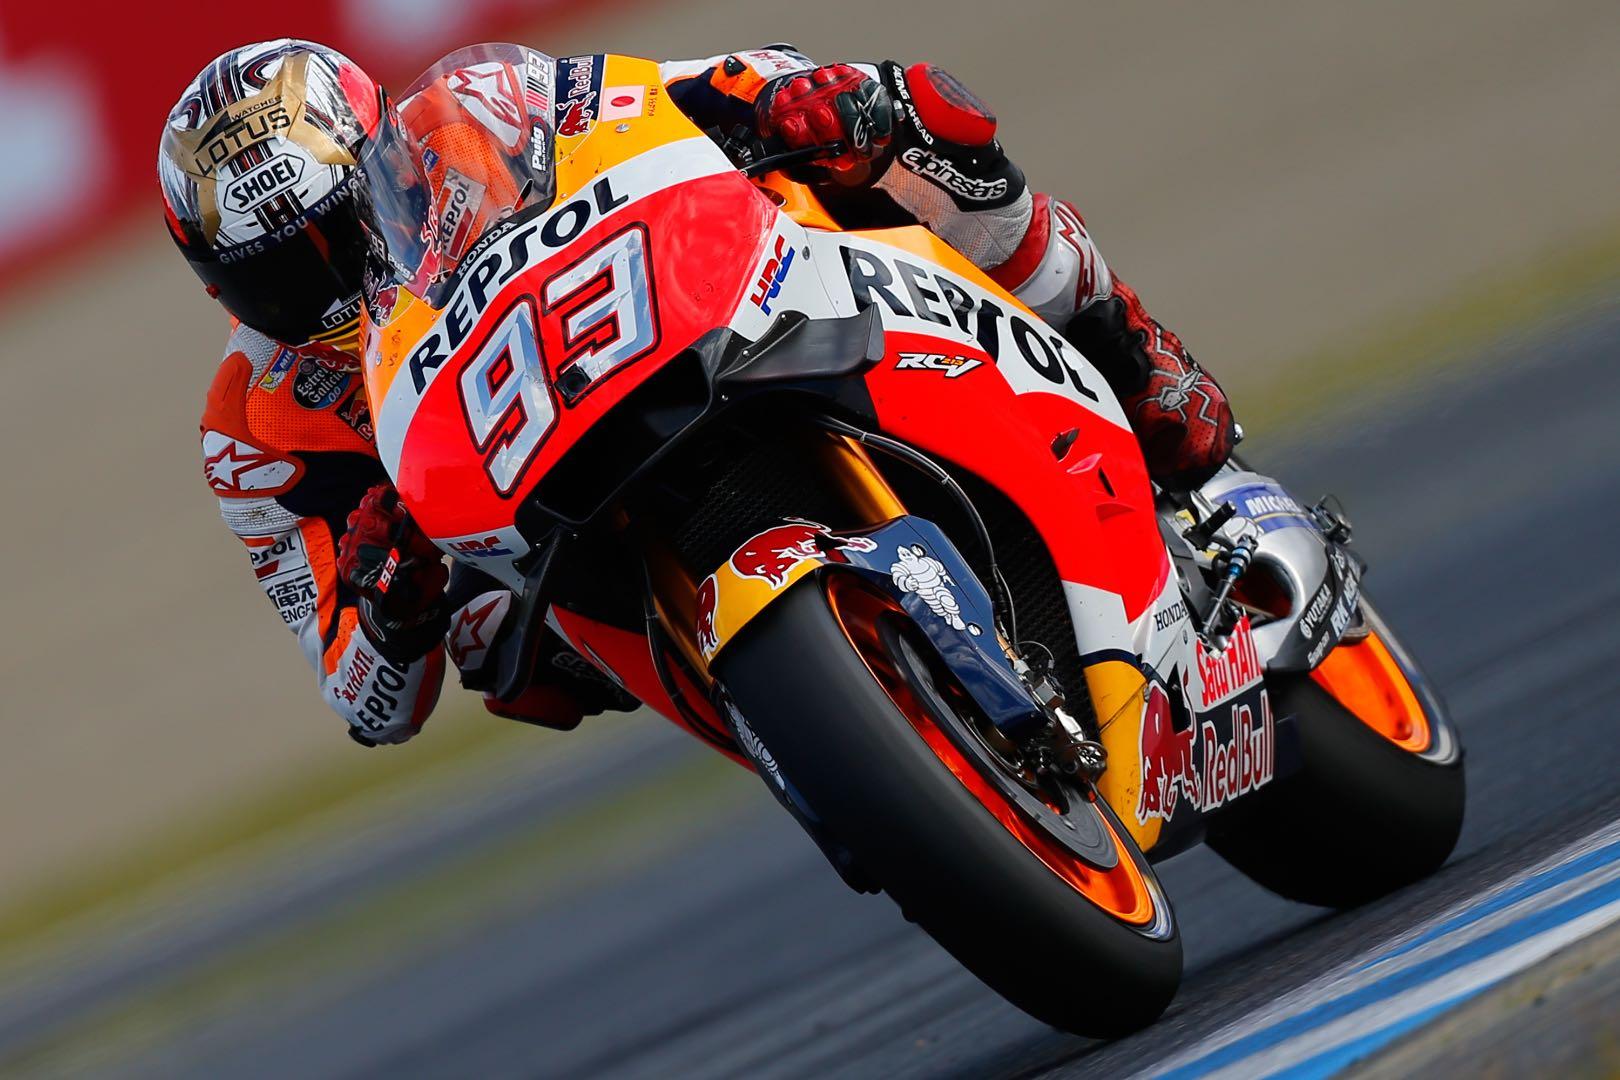 Marc Marquez Clinches 2016 MotoGP Title | Dominates Motegi